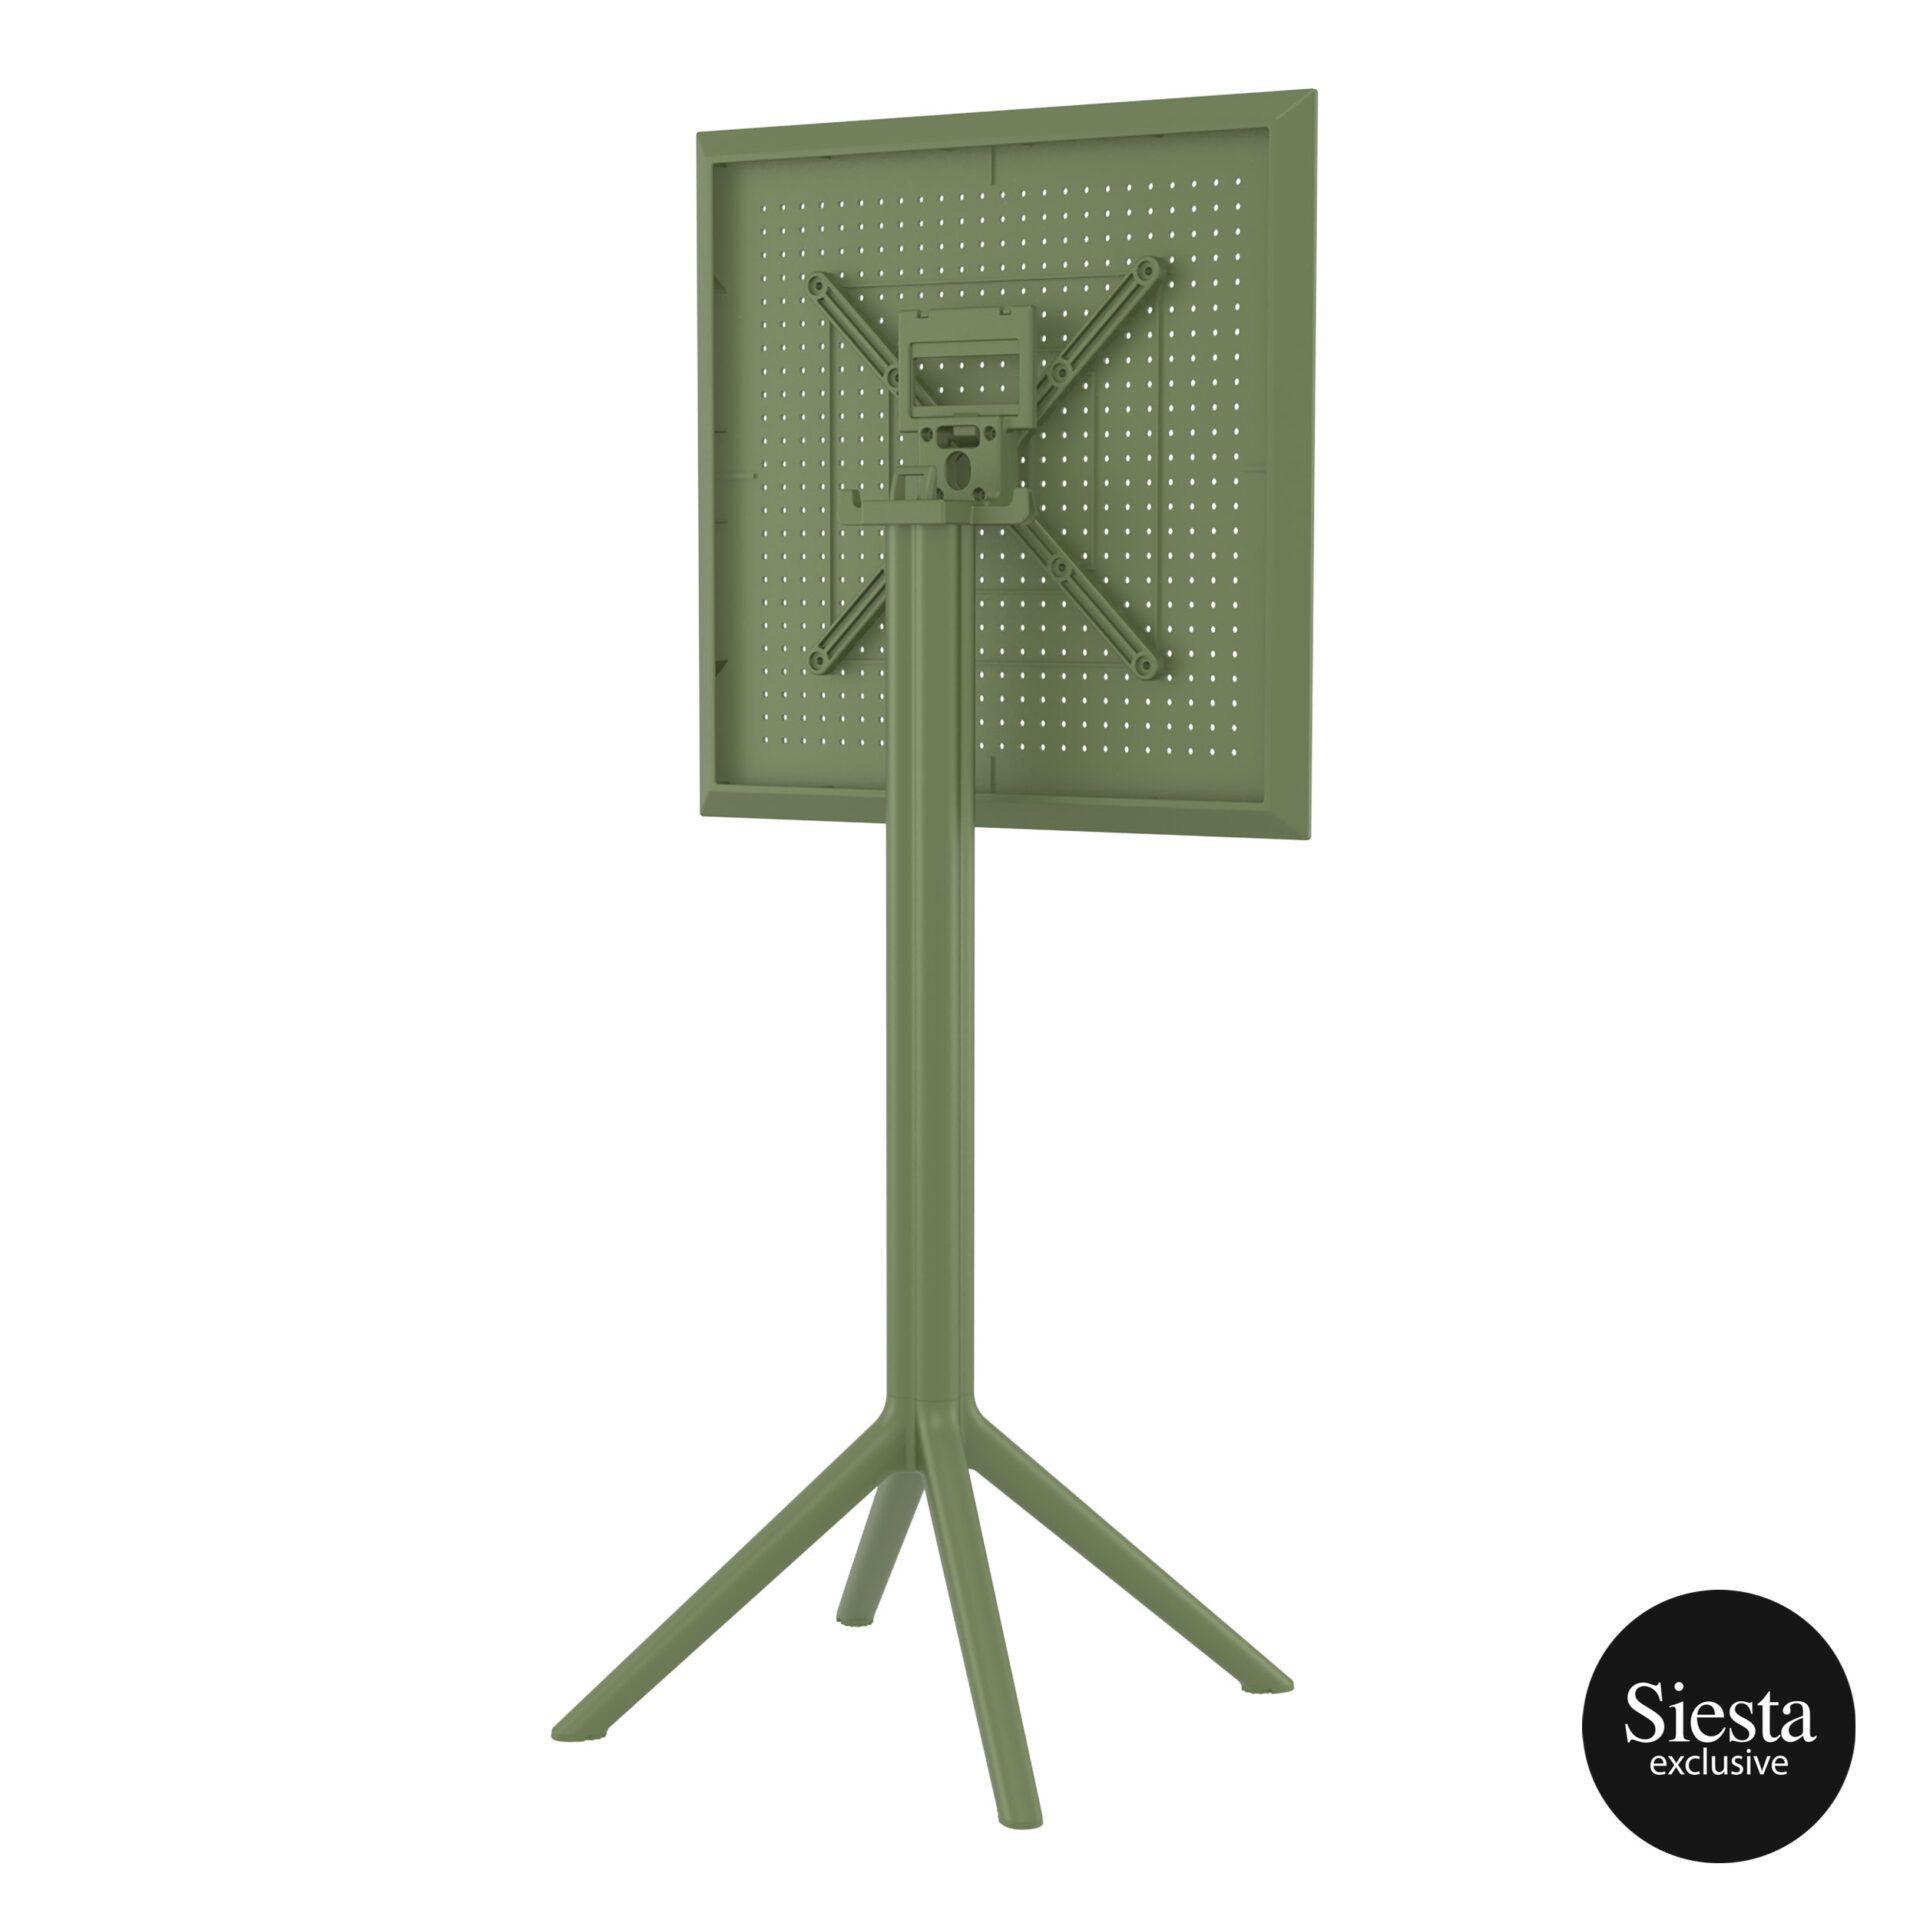 polypropylene outdoor sky folding bar table 60 olive green k back side 2